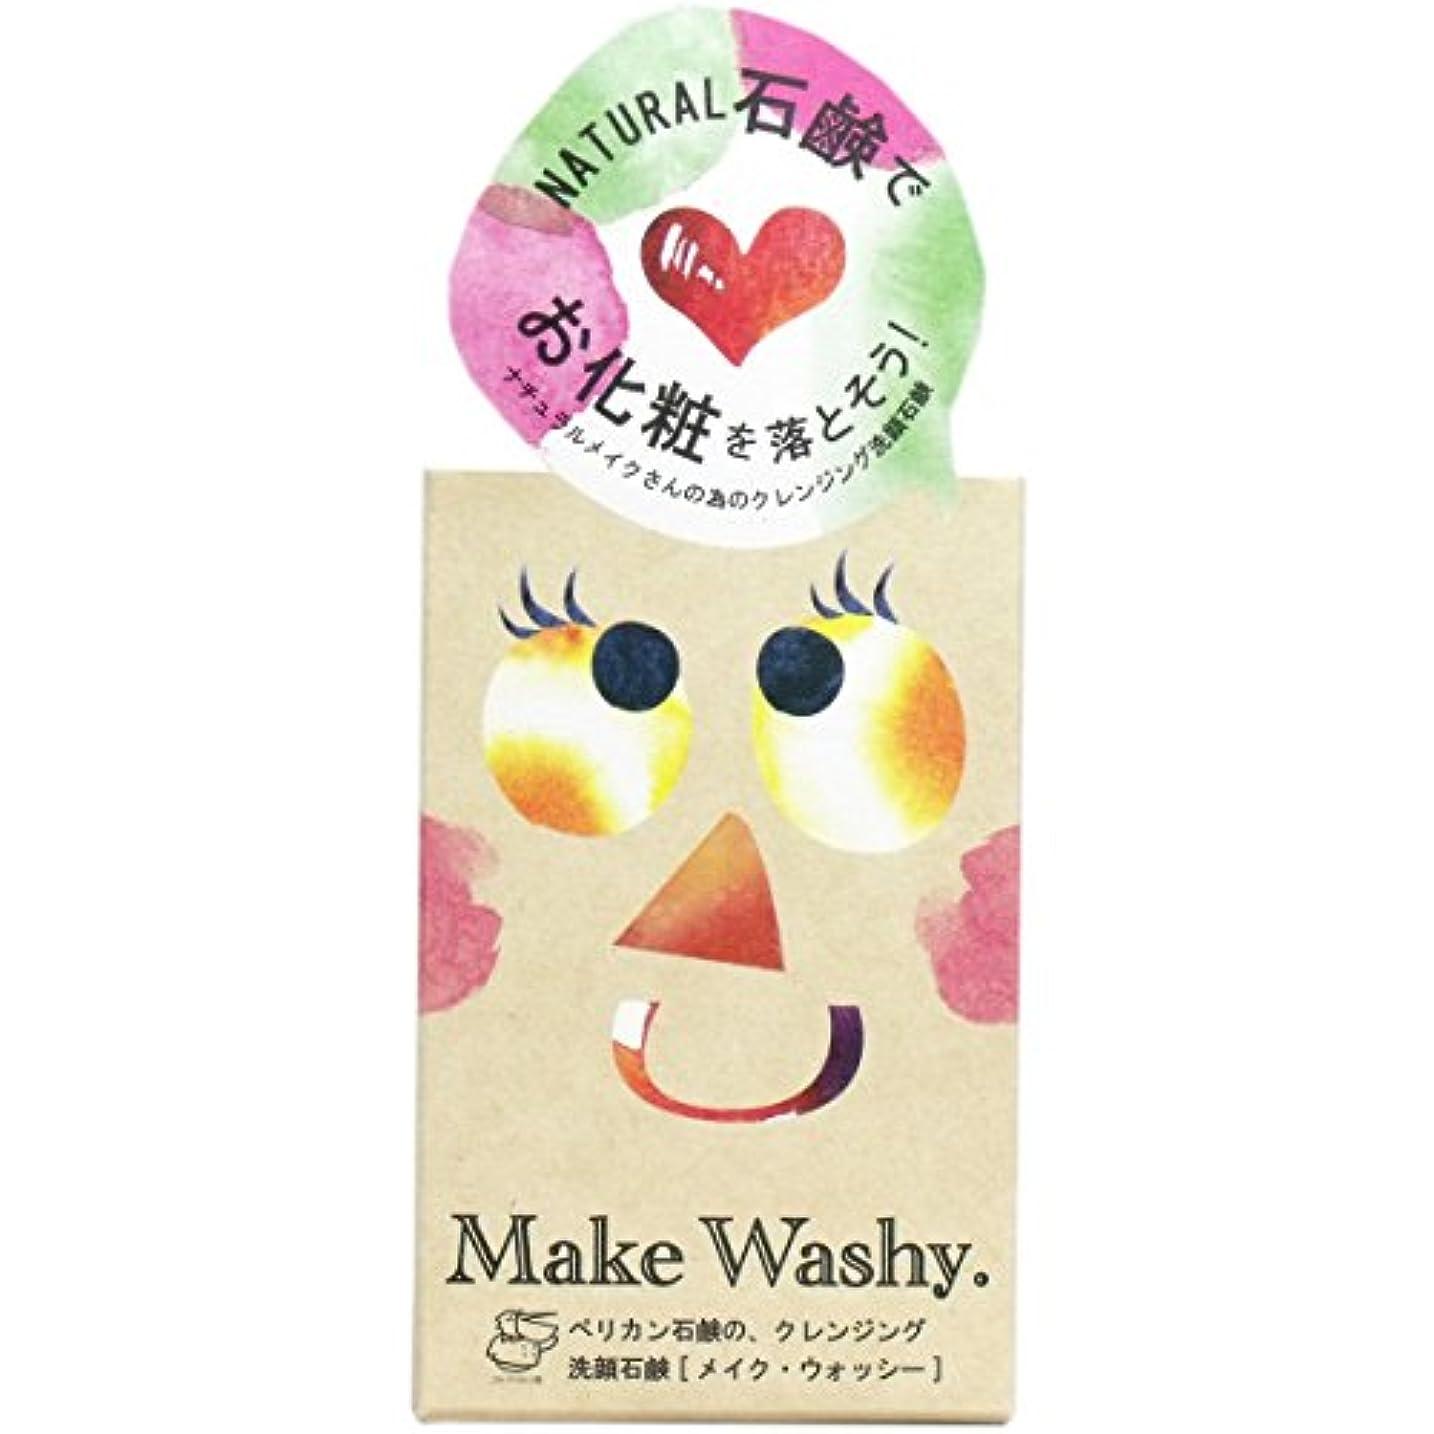 聞きます近代化する告発【まとめ買い】メイクウォッシー 洗顔石鹸【×2個】